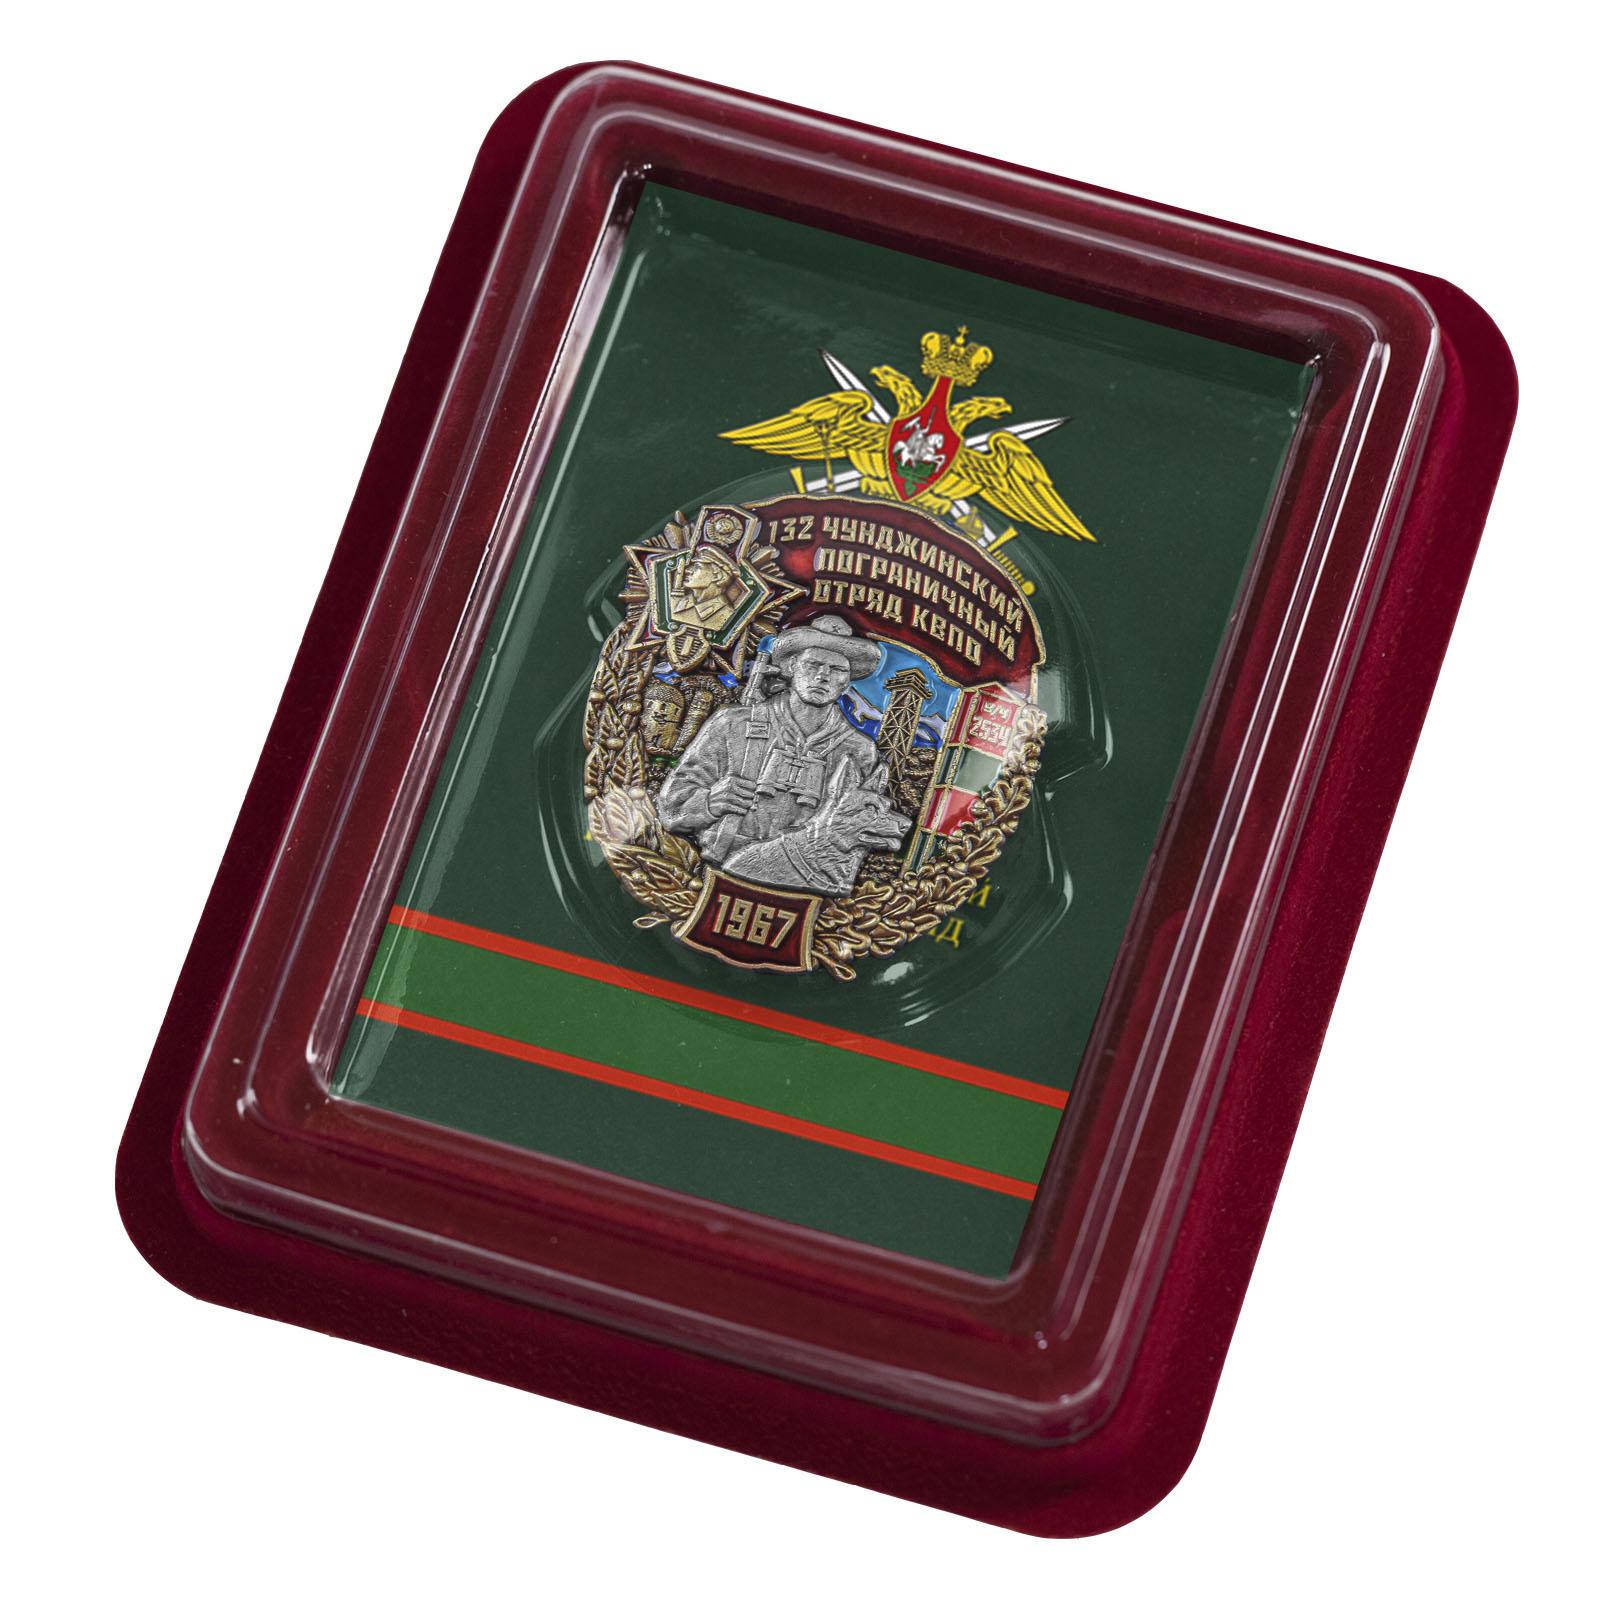 """Знак """"132 Чунджинский пограничный отряд КВПО"""" в футляре из флока"""